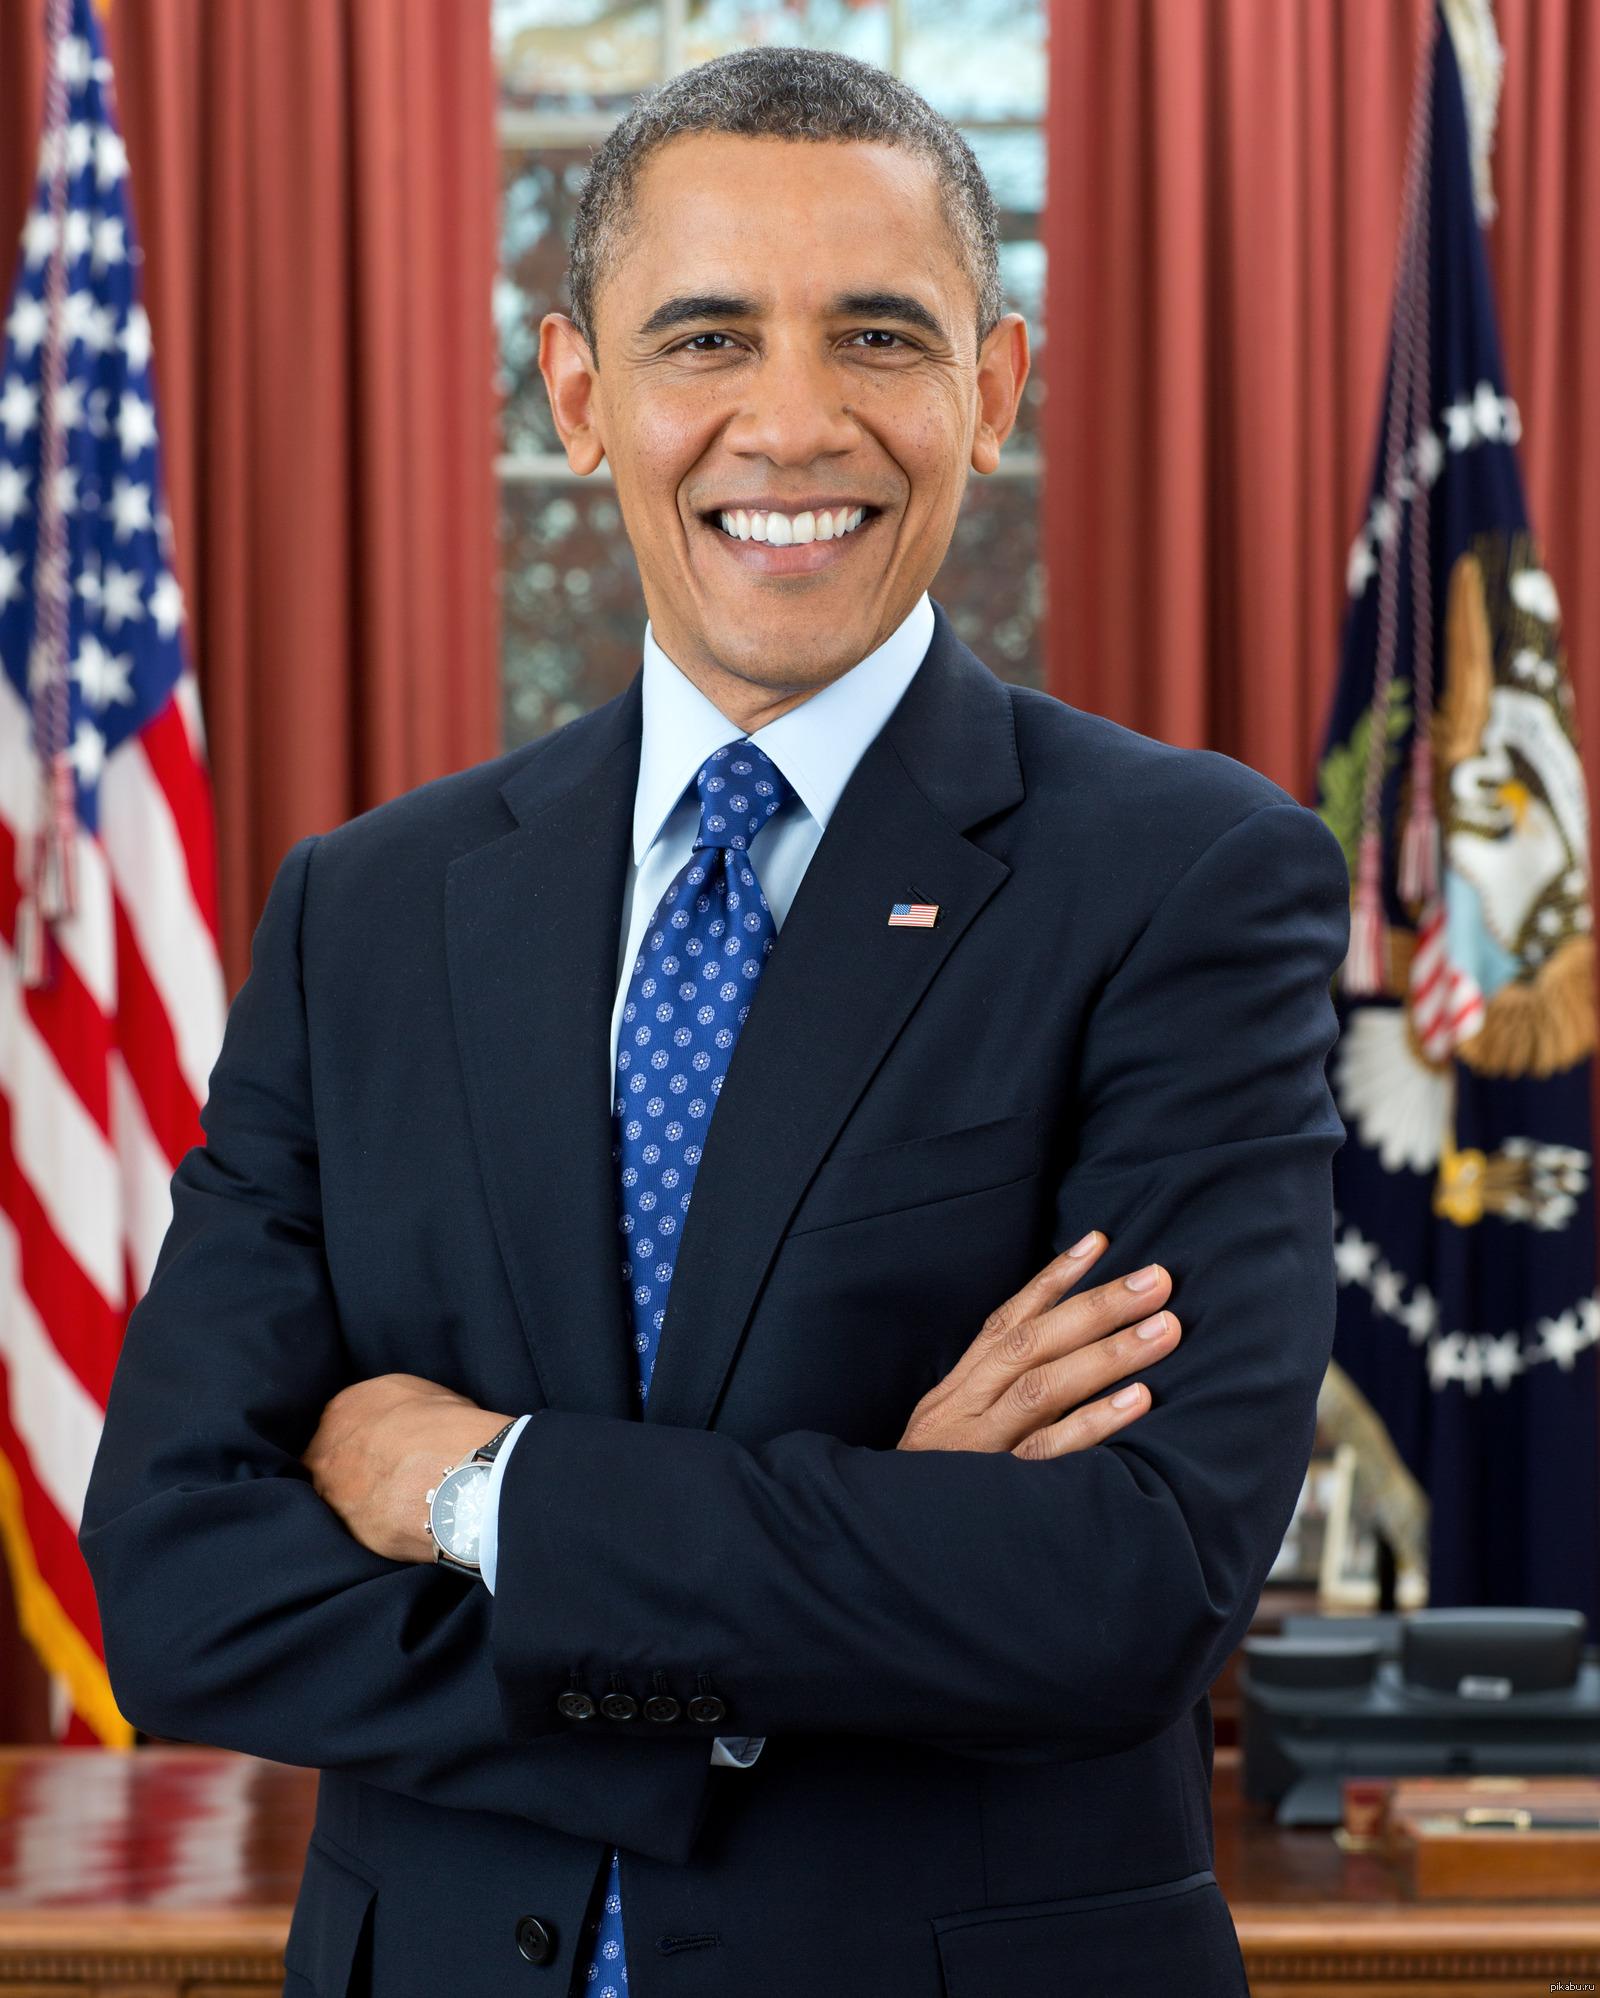 Картинки президентов сша